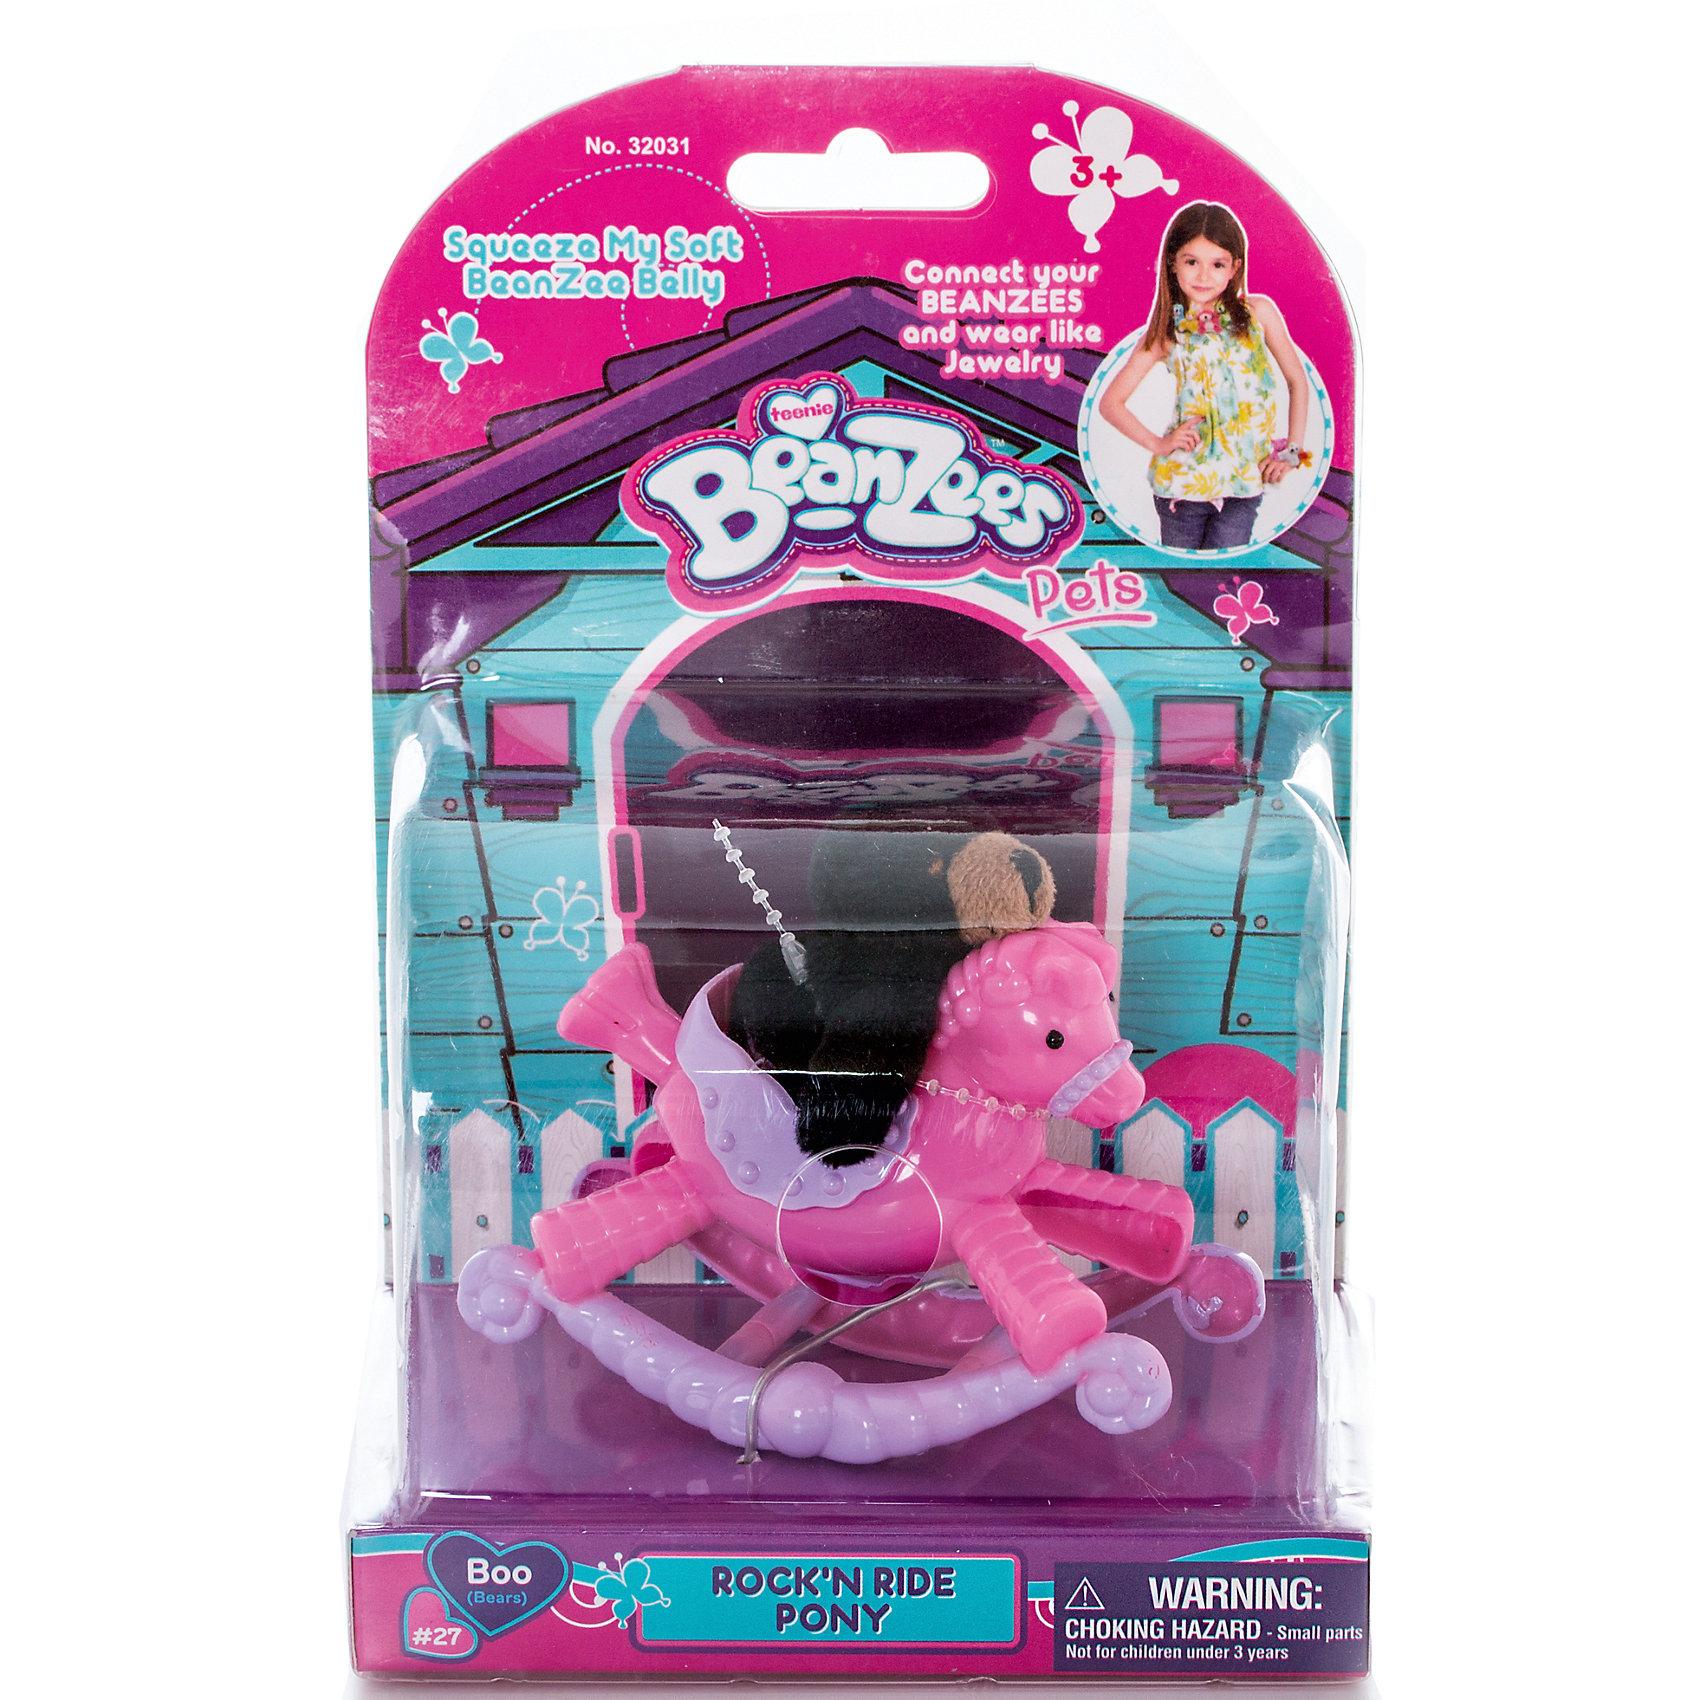 Плюшевый игровой набор Медвежонок на пони-качалке, BeanzeezМир животных<br>Характеристики товара:<br><br>- цвет: разноцветный;<br>- материал: пластик, текстиль;<br>- комплектация: фигурка животного, аксессуар;<br>- особенности: наличие на лапках липучек, игрушку можно соединять с другими героями из серии;<br>- живот заполнен гранулами;<br>- размер упаковки: 9х18х13 см;<br>- упаковка: блистер;<br>- вес: 146 г.<br><br>Такая симпатичная фигурка не оставит ребенка равнодушным! Какой малыш откажется поиграть с маленькой плюшевой игрушкой из большой пушистой коллекции?! Игрушка очень качественно выполнена, поэтому она станет отличным подарком ребенку. В наборе идет фигурка животного и аксессуары. С ними можно придумать множество сюжетов, разыгрывая которые, ребенок развивает мелкую моторику, воображение и творческое мышление.<br>Изделие произведено из высококачественного материала, безопасного для детей.<br><br>Плюшевый игровой набор Медвежонок на пони-качалке от бренда Beanzeez можно купить в нашем интернет-магазине.<br><br>Ширина мм: 85<br>Глубина мм: 180<br>Высота мм: 130<br>Вес г: 145<br>Возраст от месяцев: 36<br>Возраст до месяцев: 2147483647<br>Пол: Женский<br>Возраст: Детский<br>SKU: 5039891